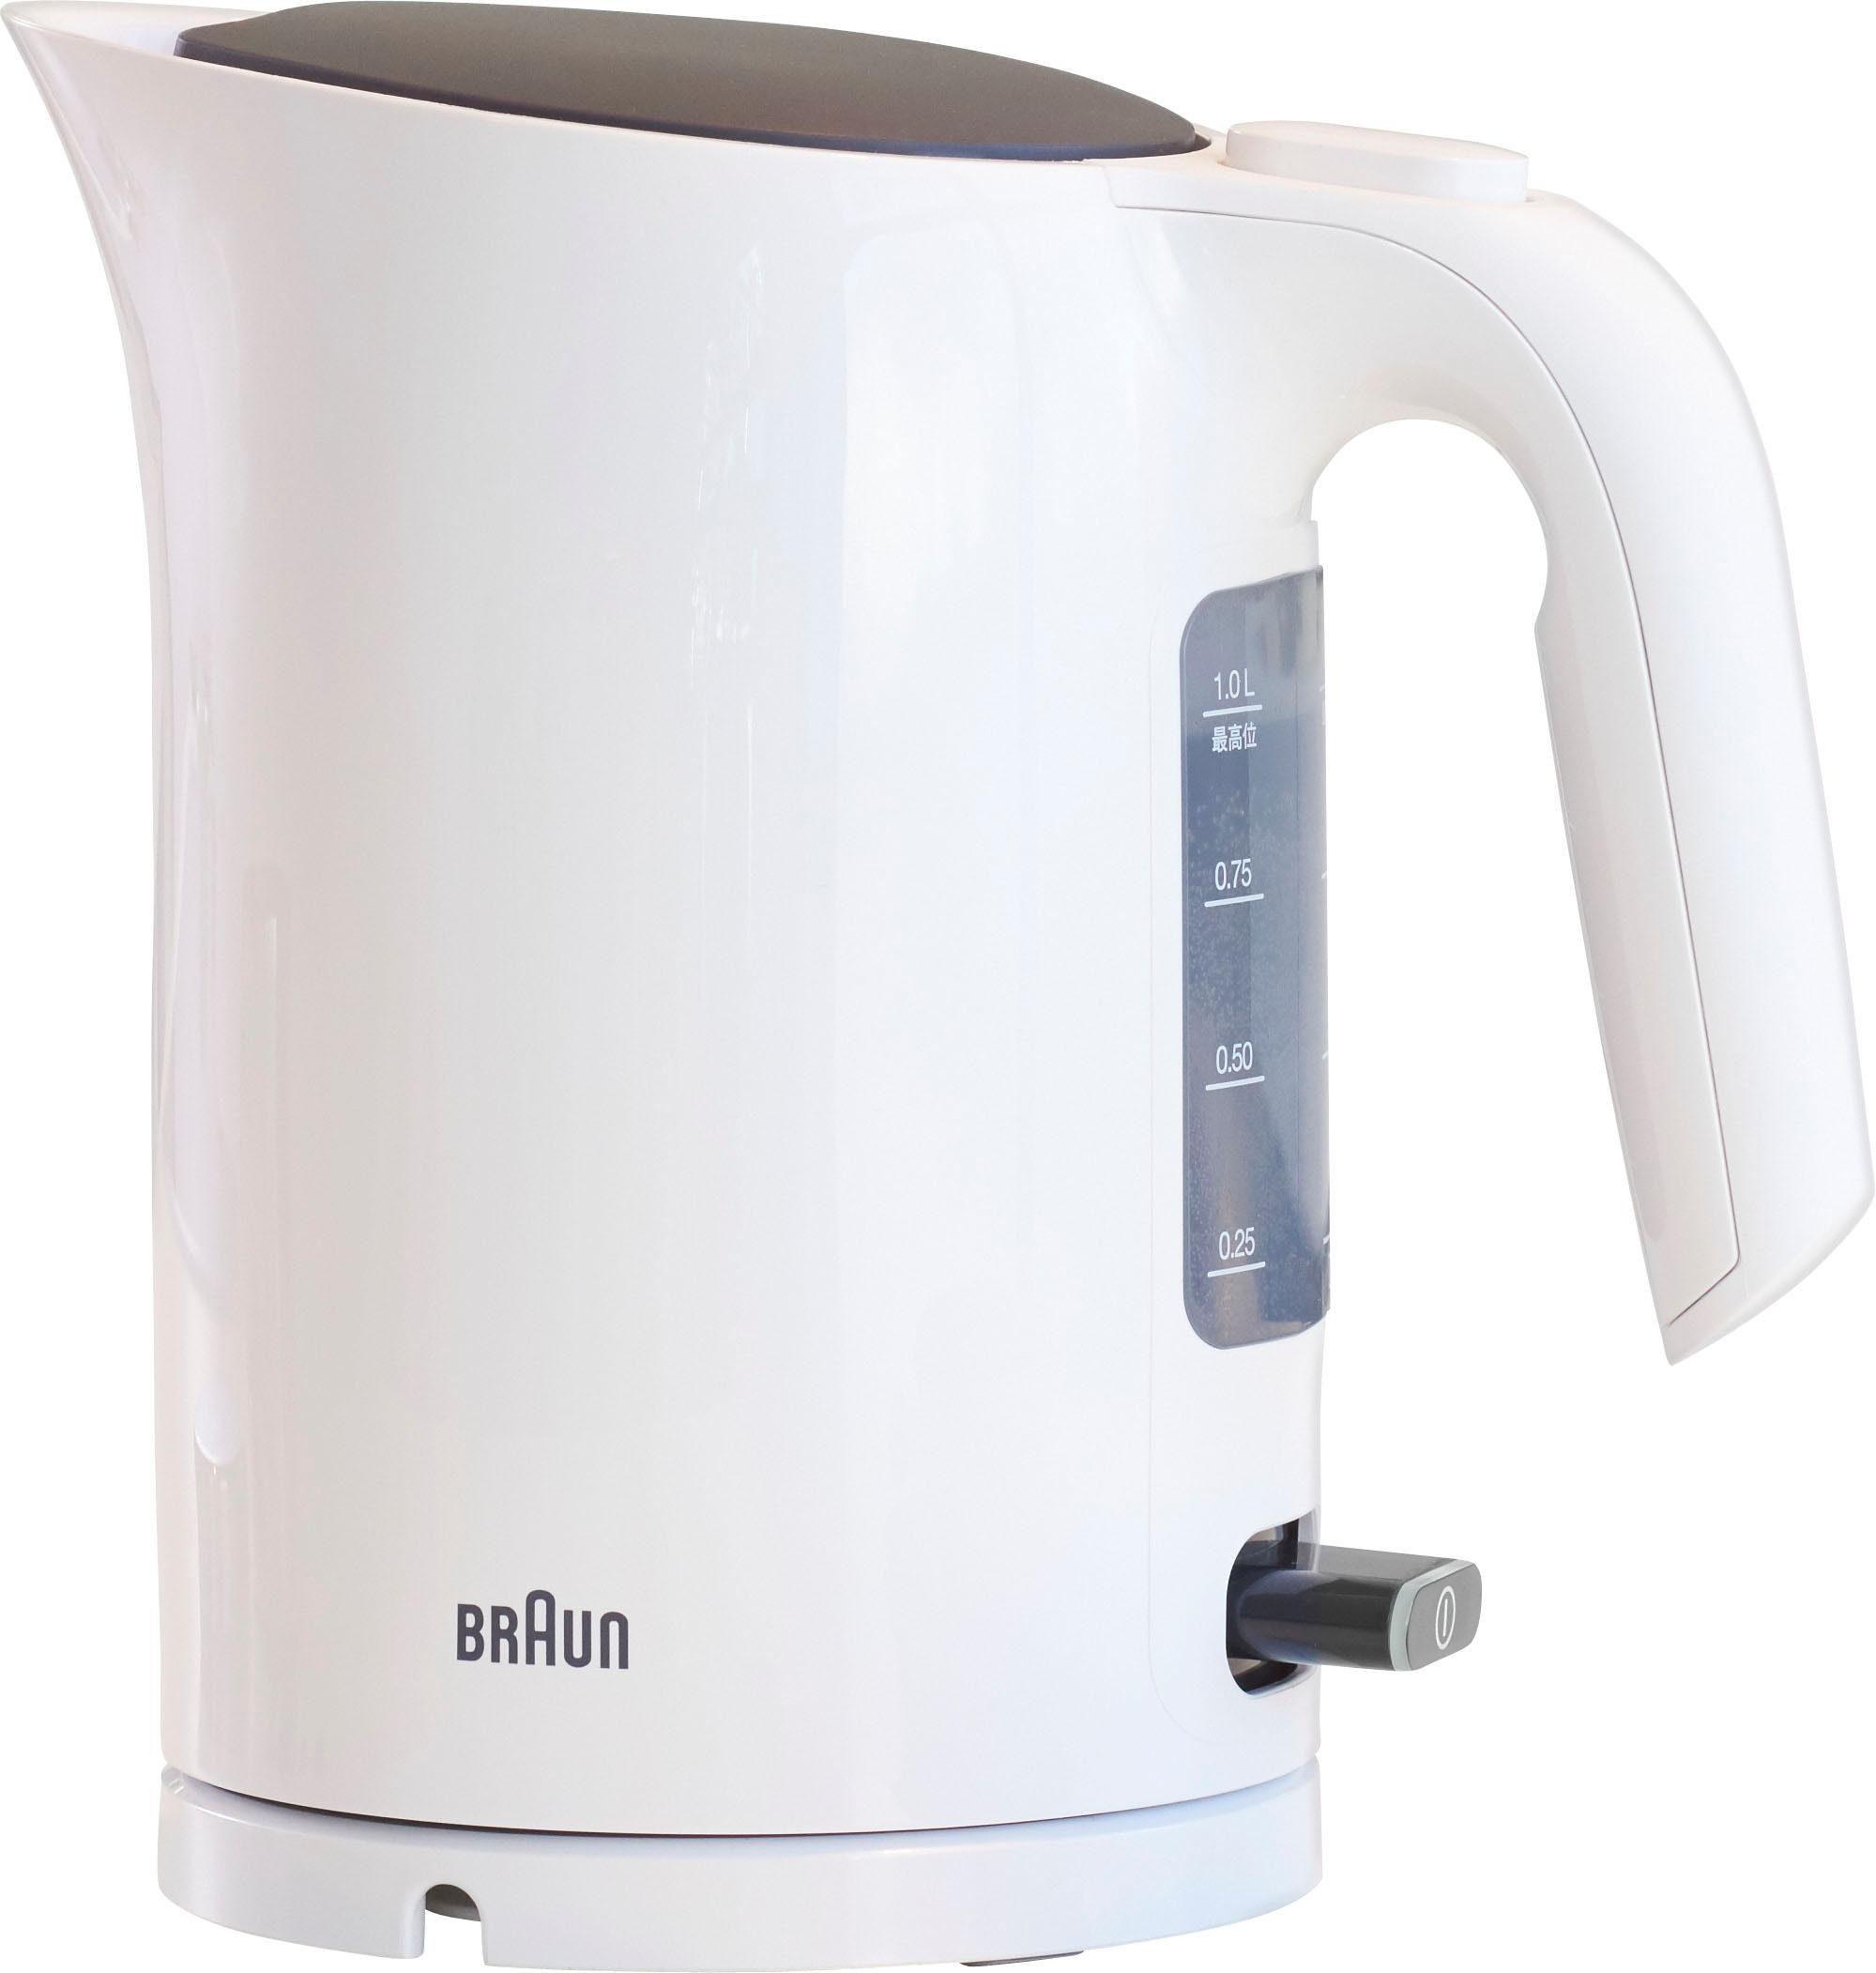 Braun Wasserkocher WK 3100 WH, 1,7 l, 2200 W